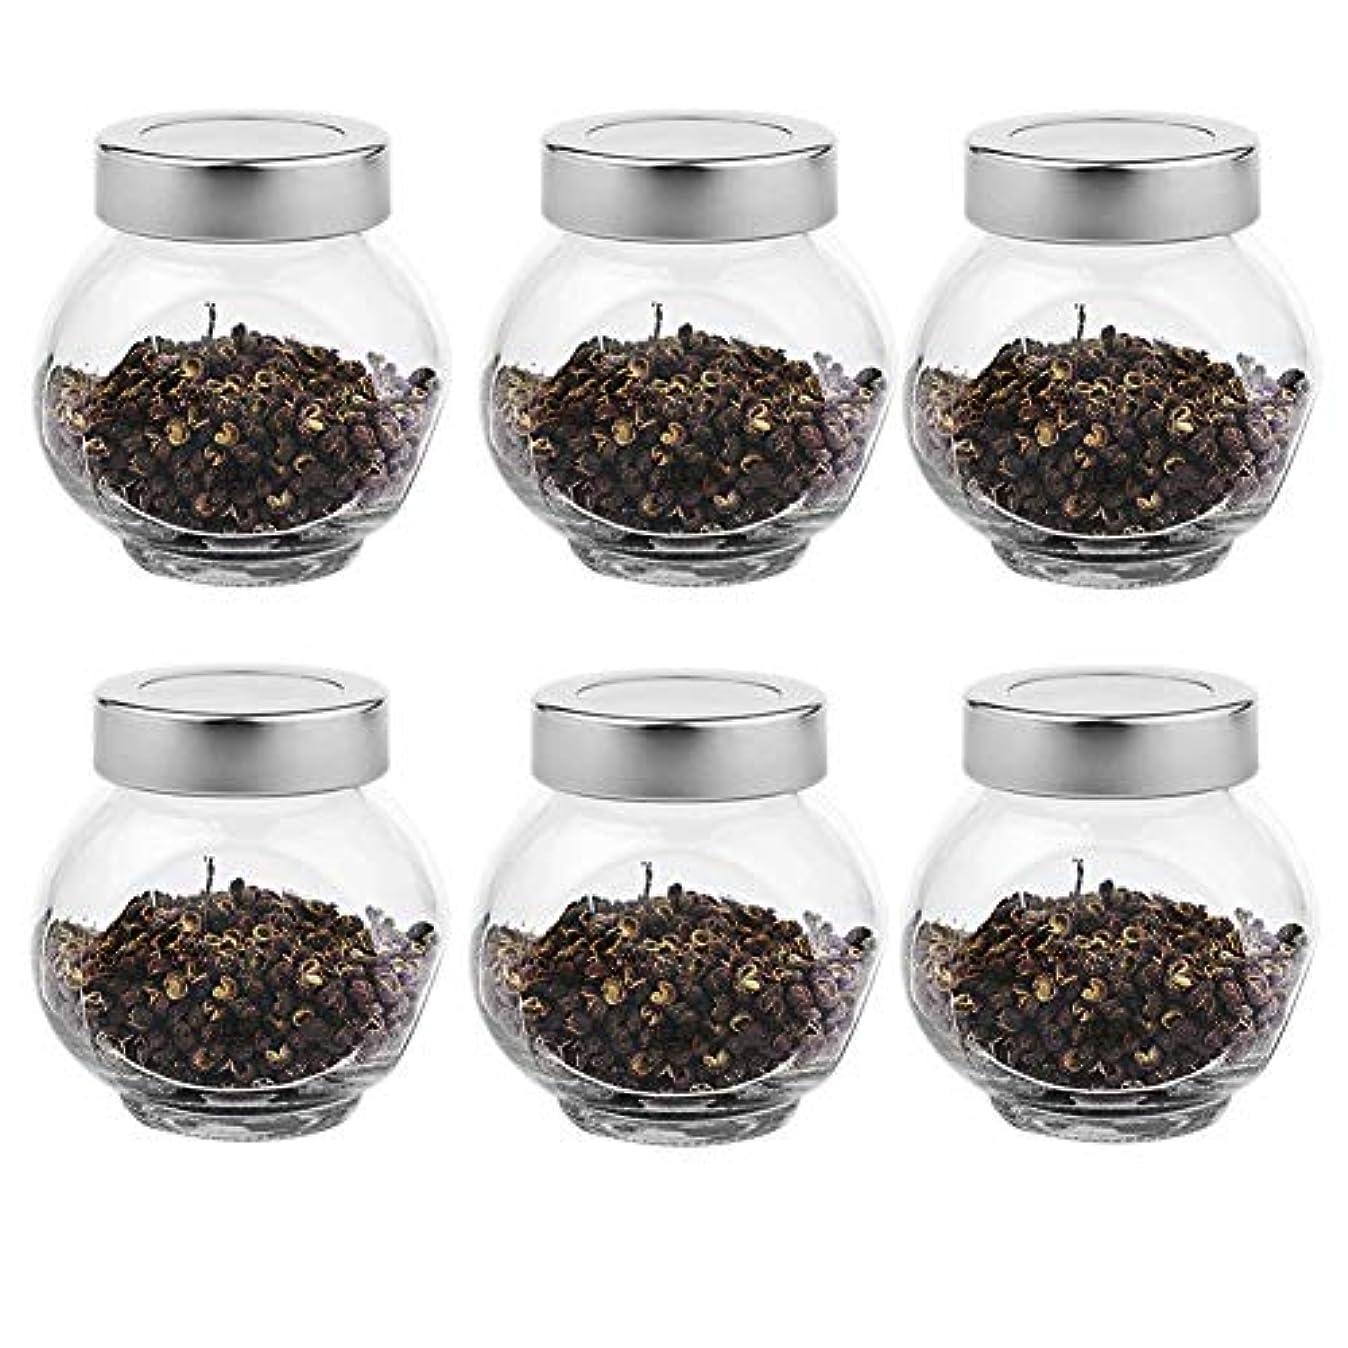 クラシック余剰ブランド名6つの透明ガラス貯蔵容器茶/季節密封缶(200 ml)の貯蔵ジャーパック